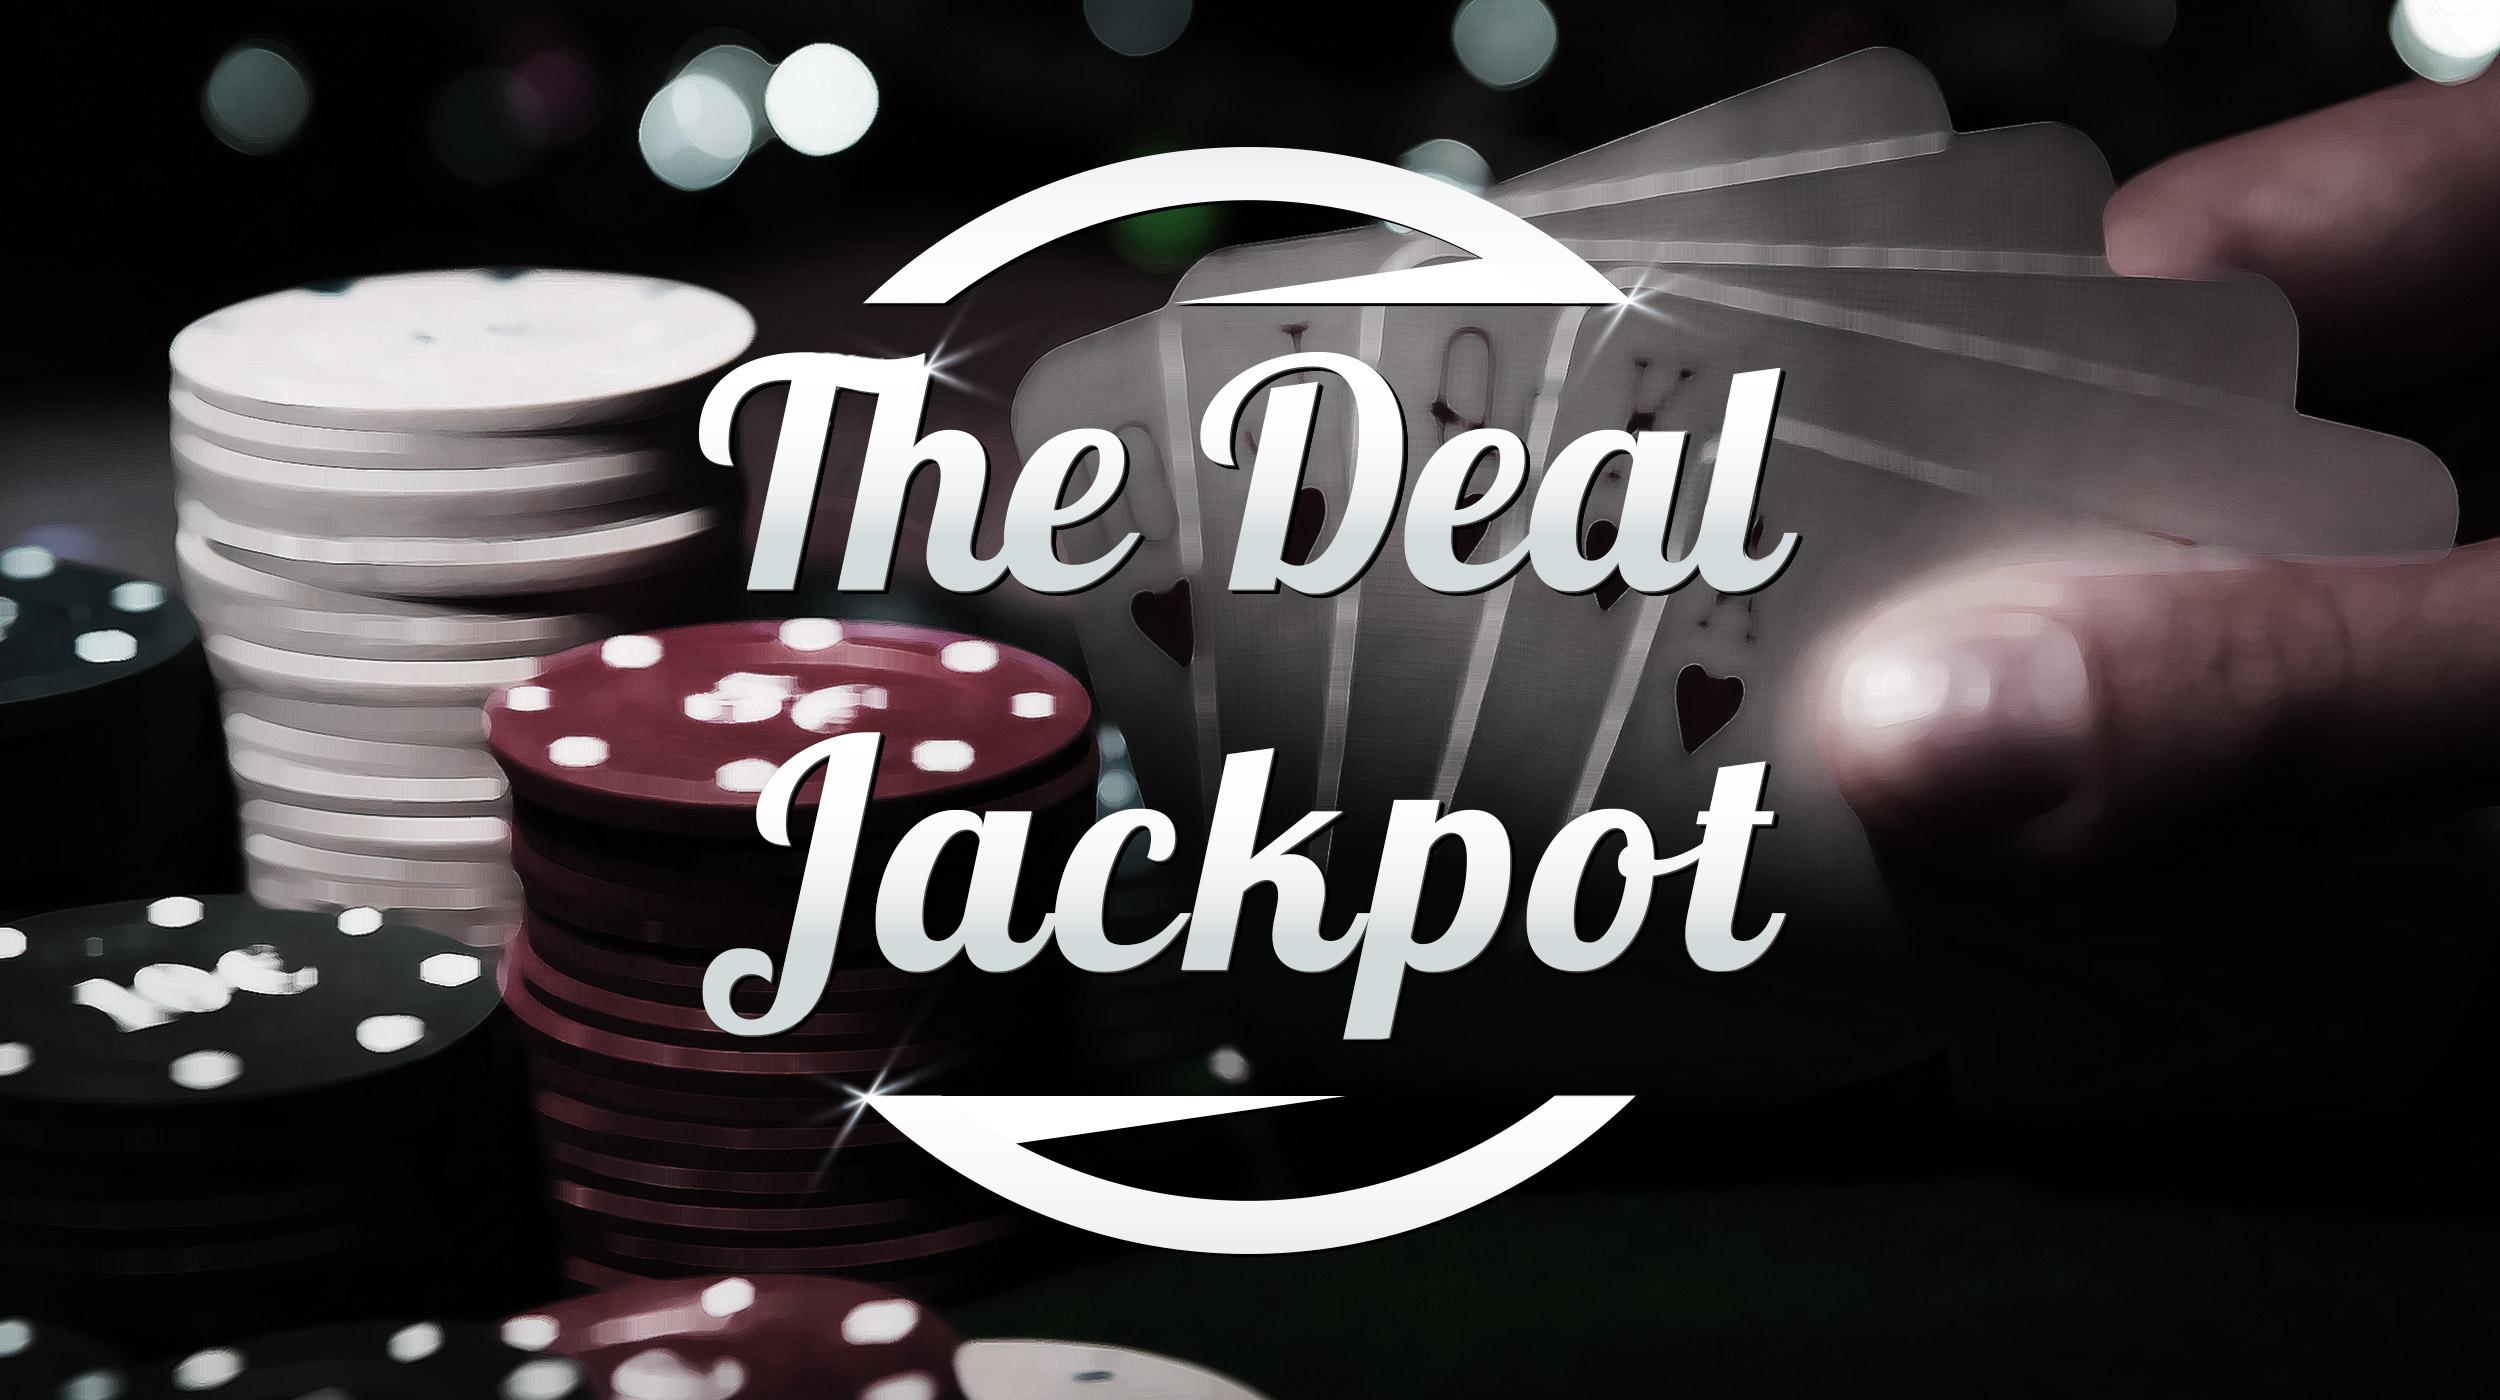 The deal jackpot в руме Pokerstars.